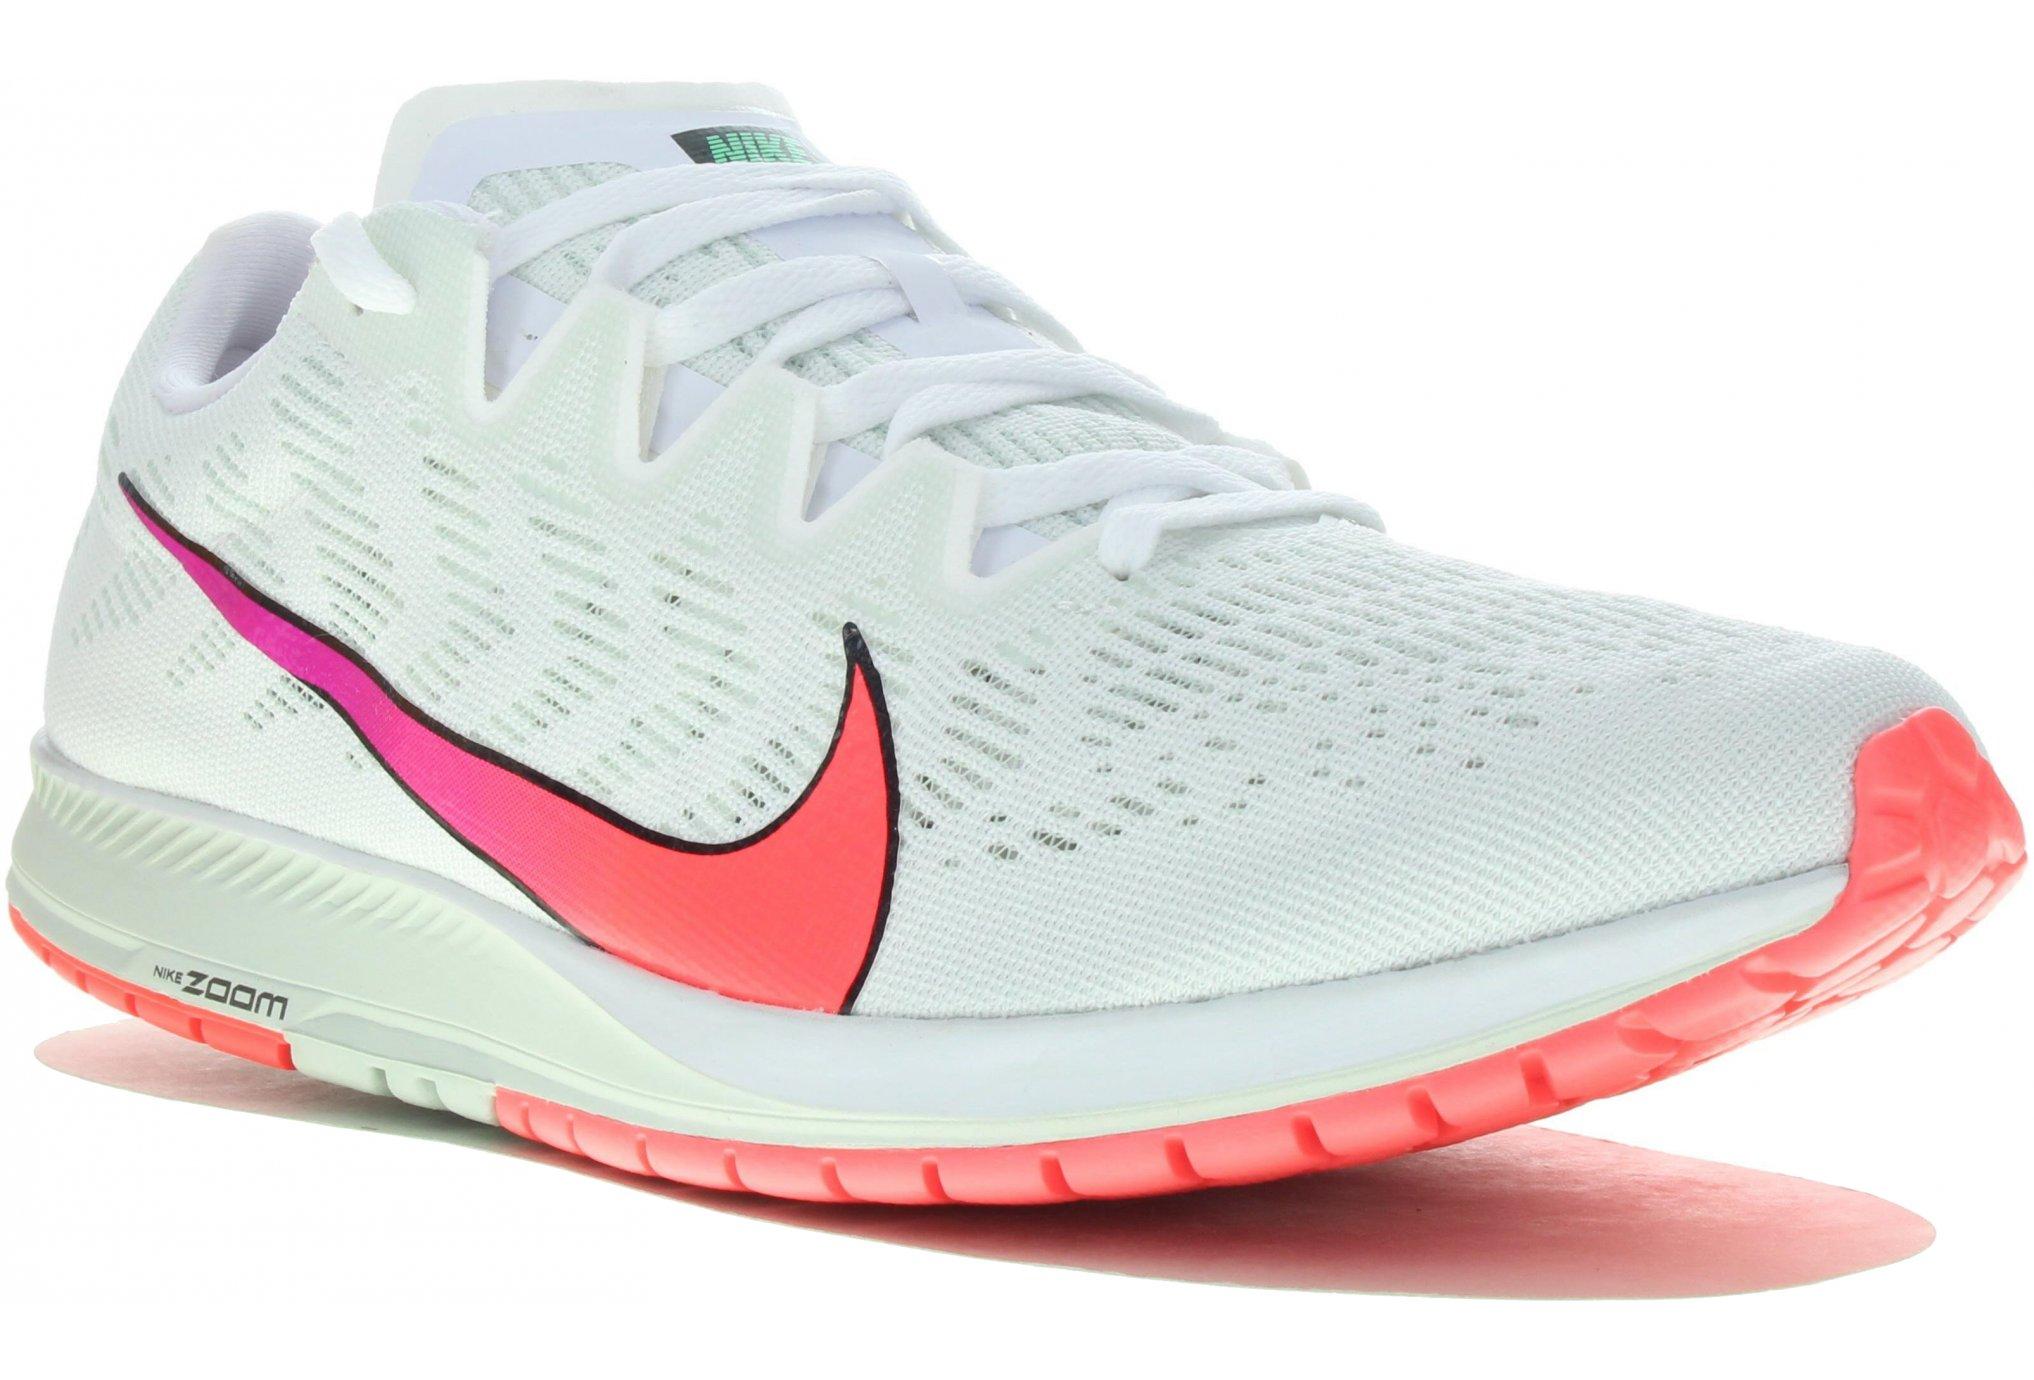 Nike Air Zoom Streak 7 M Diététique Chaussures homme